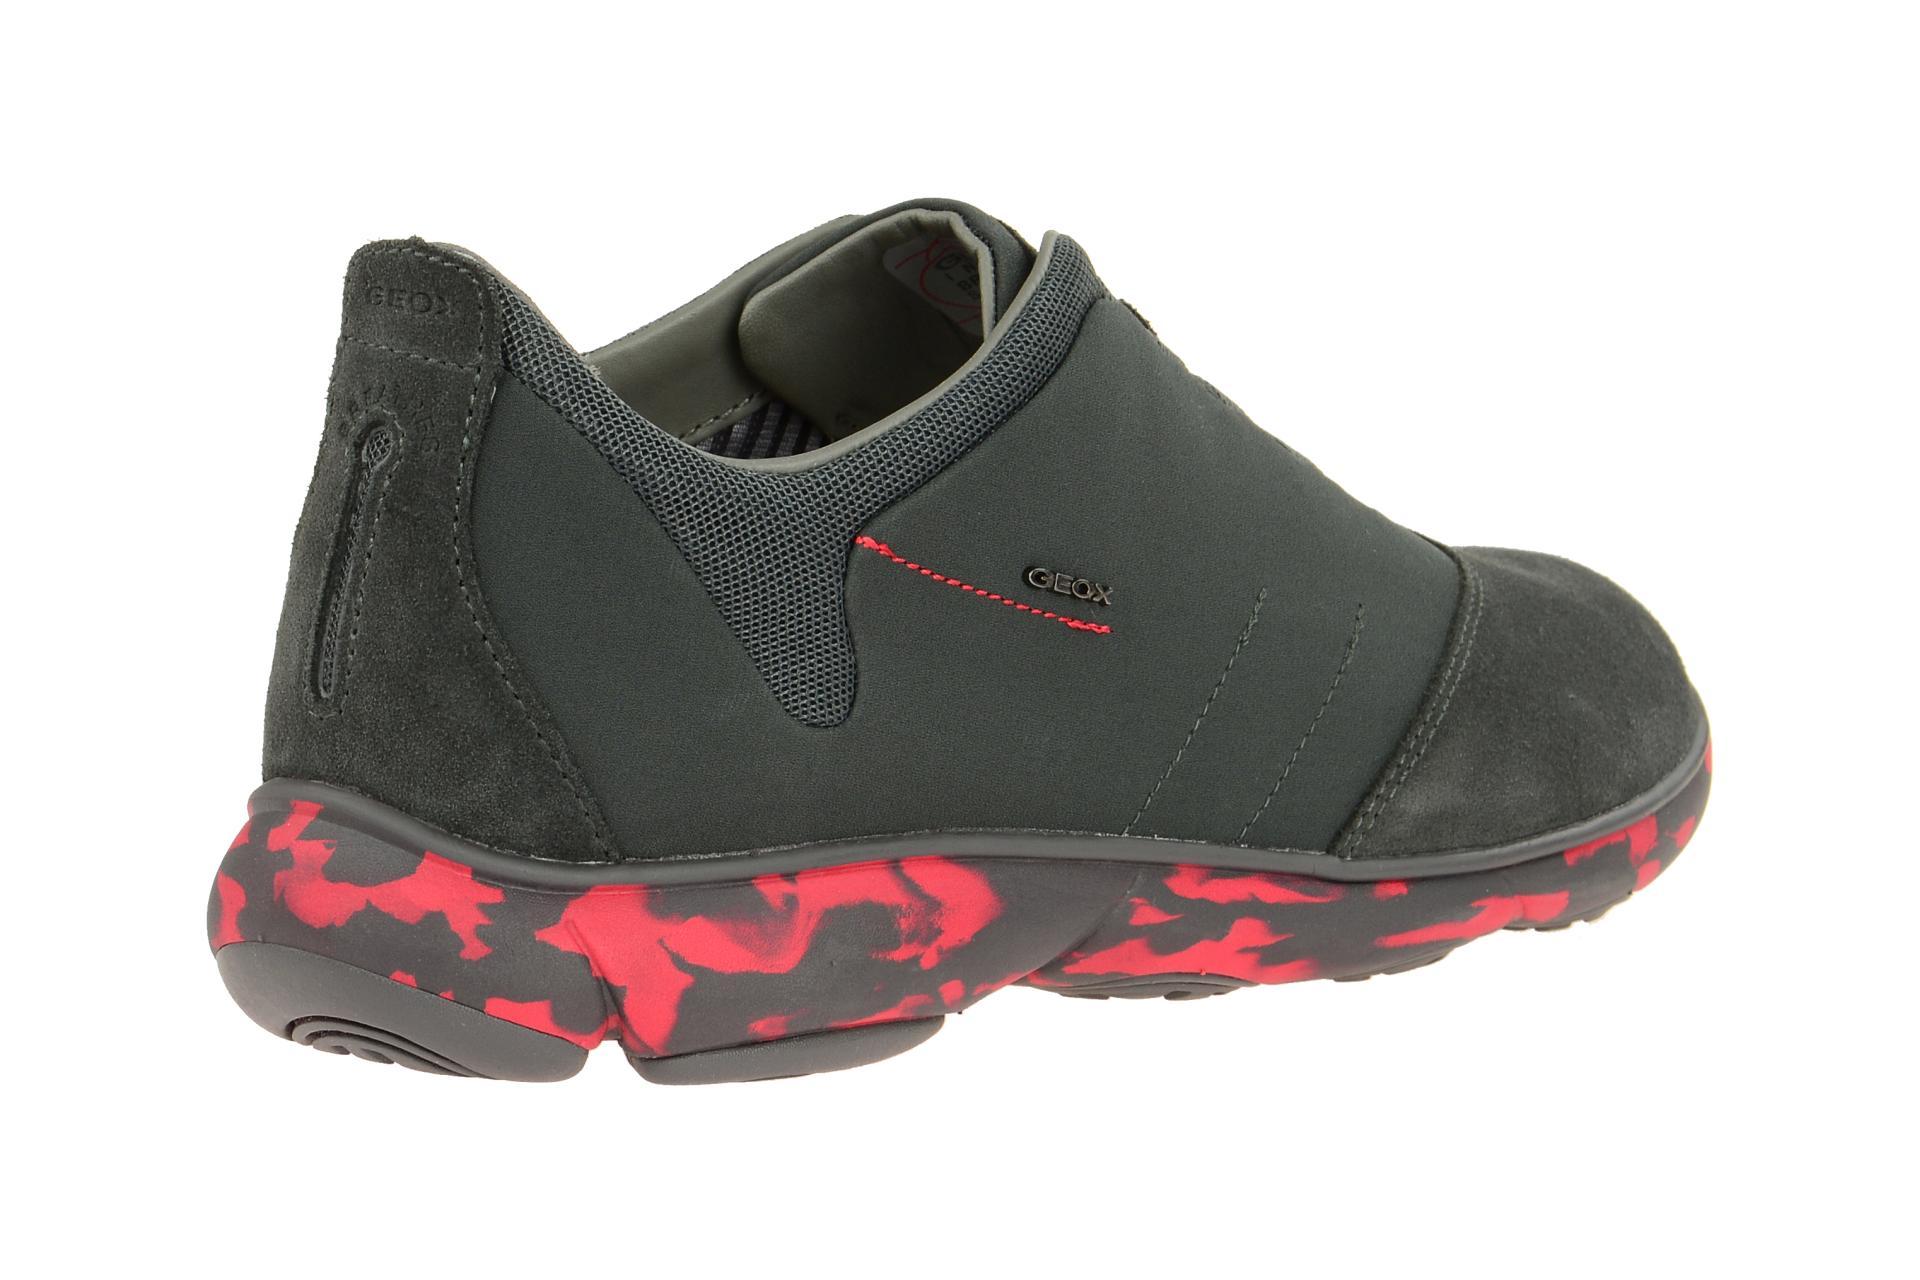 Geox U52d7b Nebula Grau Slipper 01122 Schuhe Sportliche